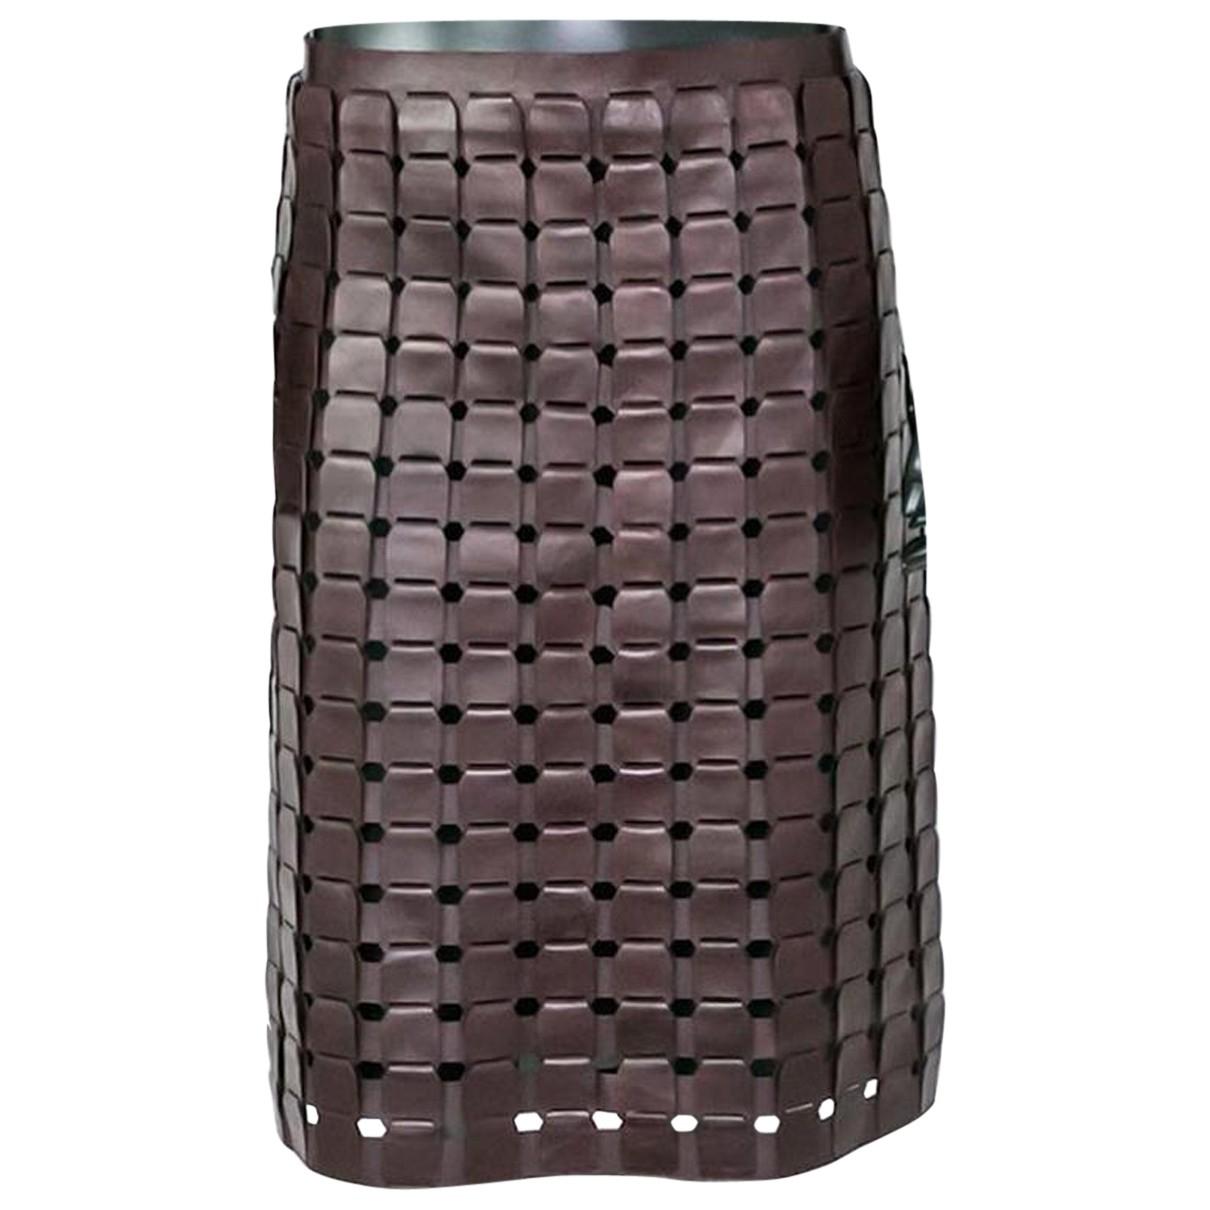 Bottega Veneta - Jupe   pour femme en cuir - bordeaux